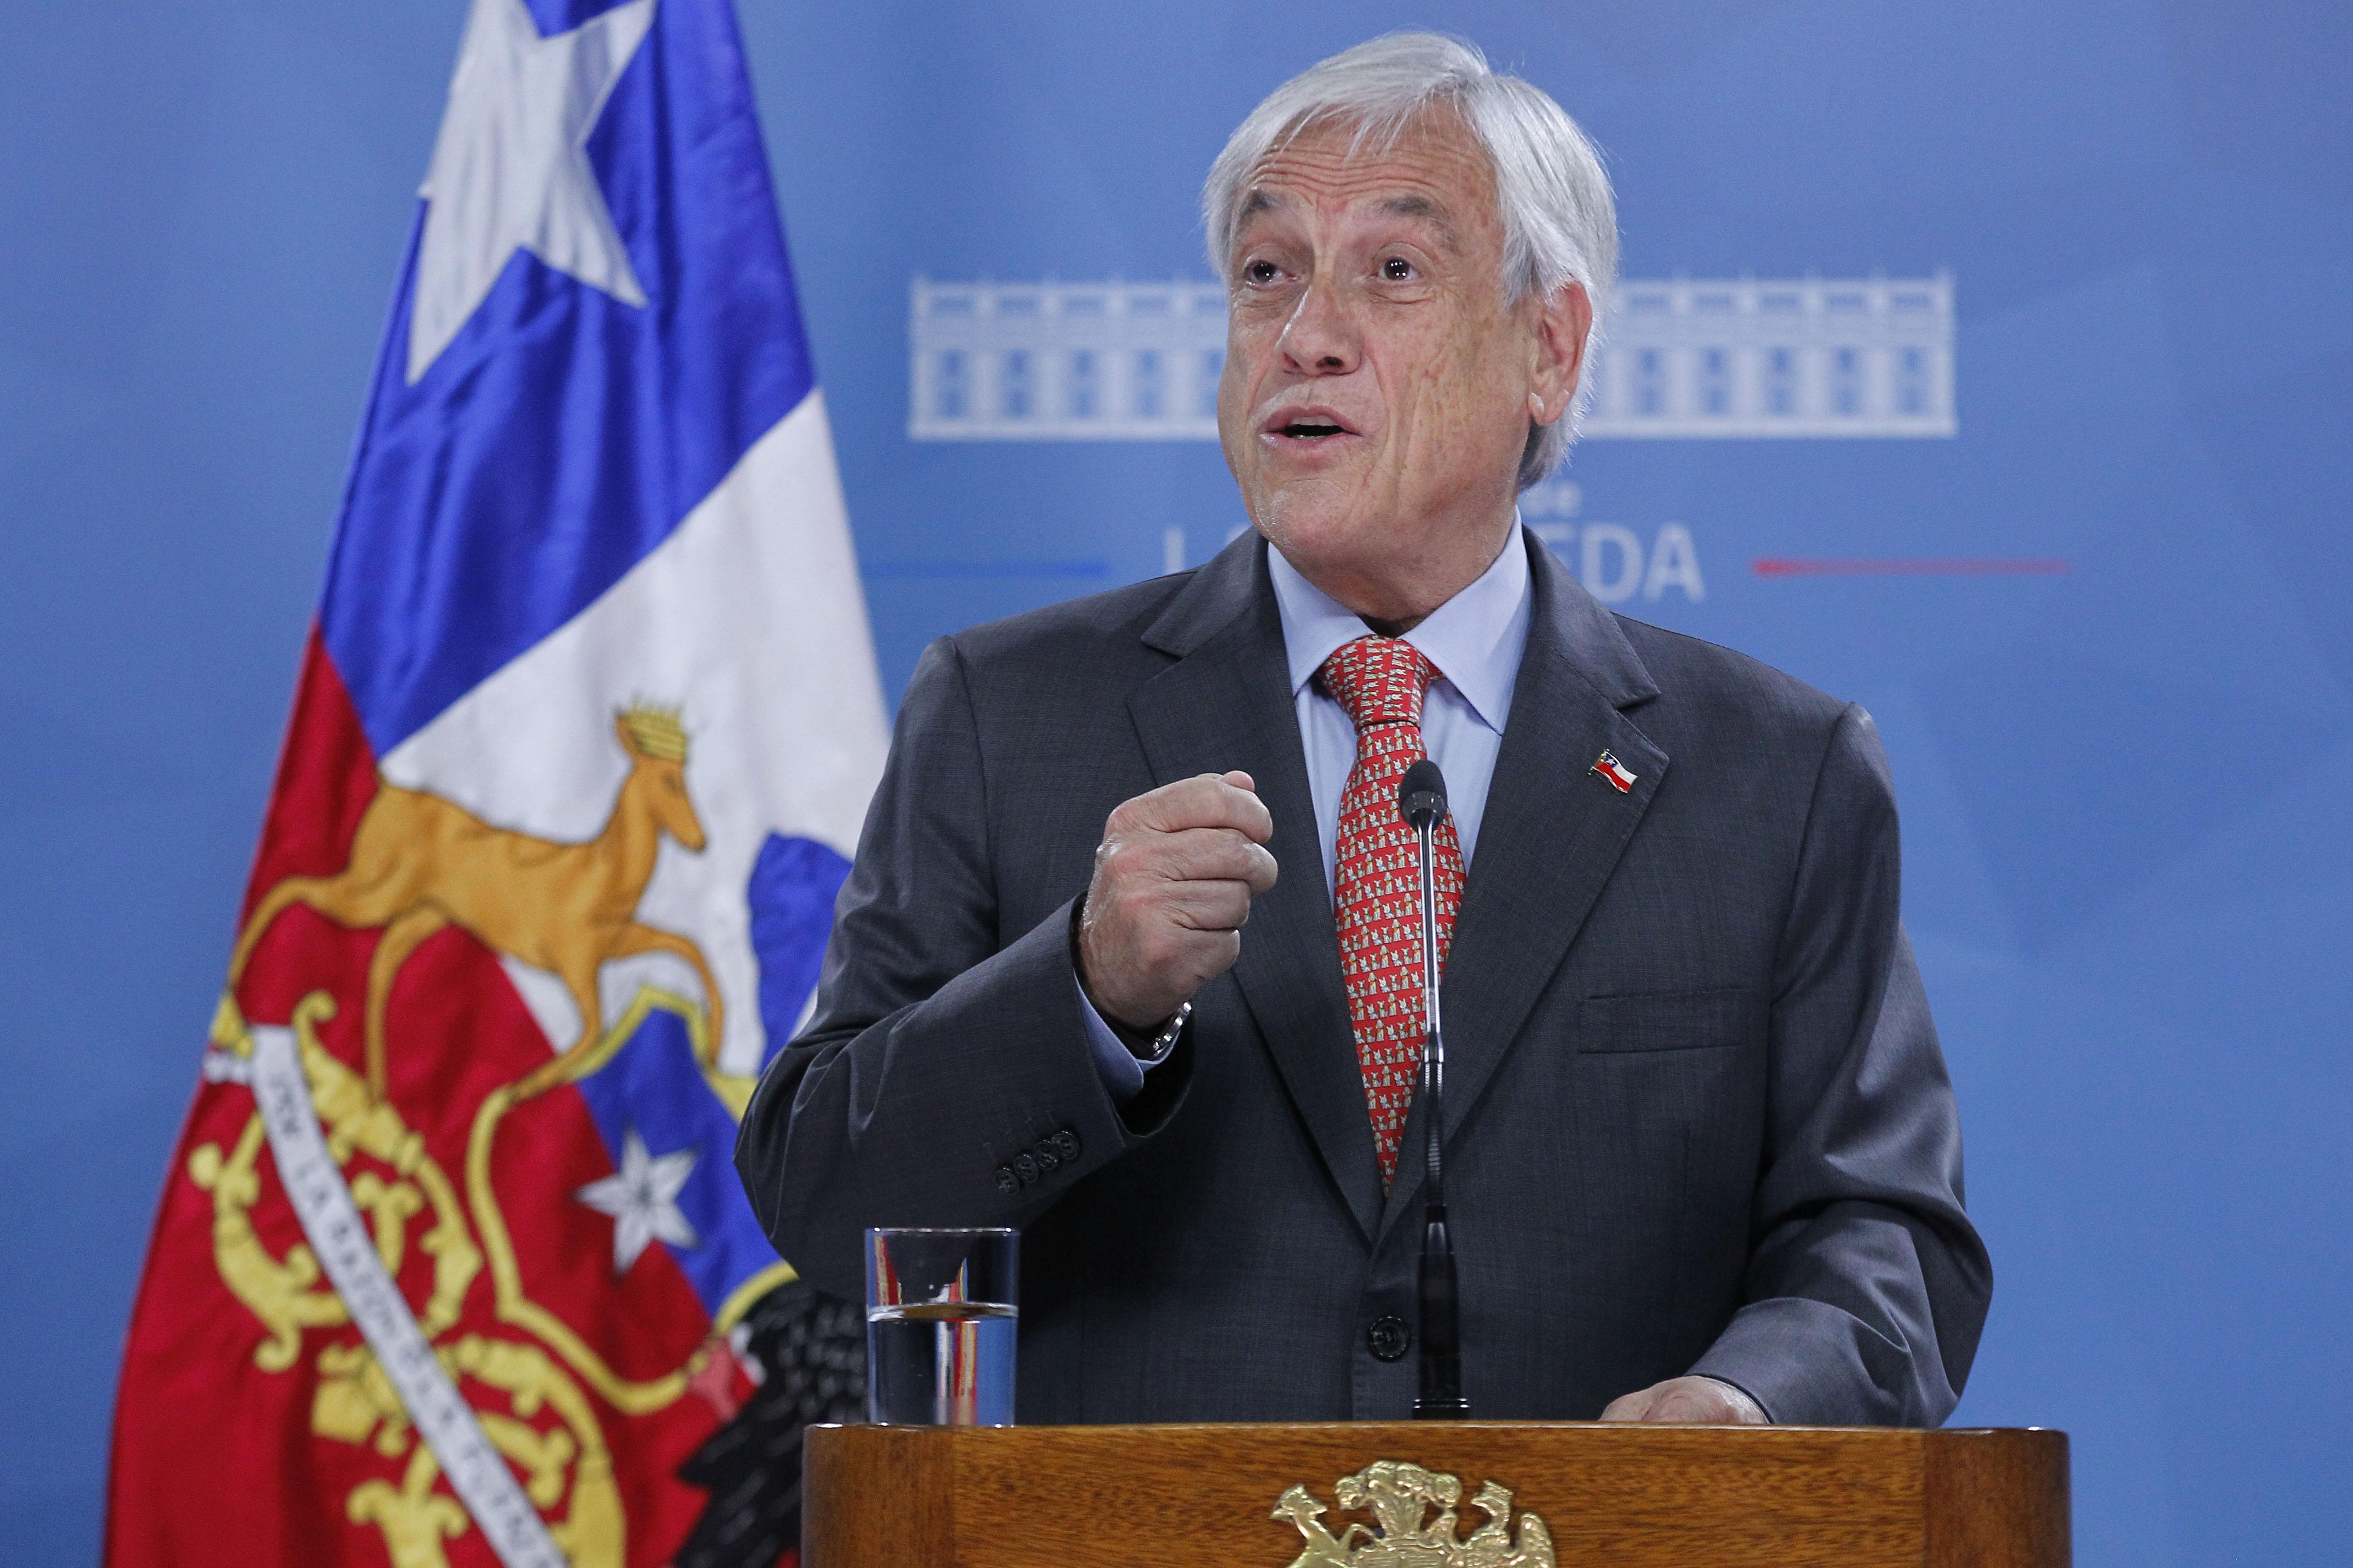 Santiago, 1 de octubre 2019 El presidente de la republica, Sebastian Pinera, realiza un punto de prensa en el palacio de La Moneda   Dragomir Yankovic/Aton Chile